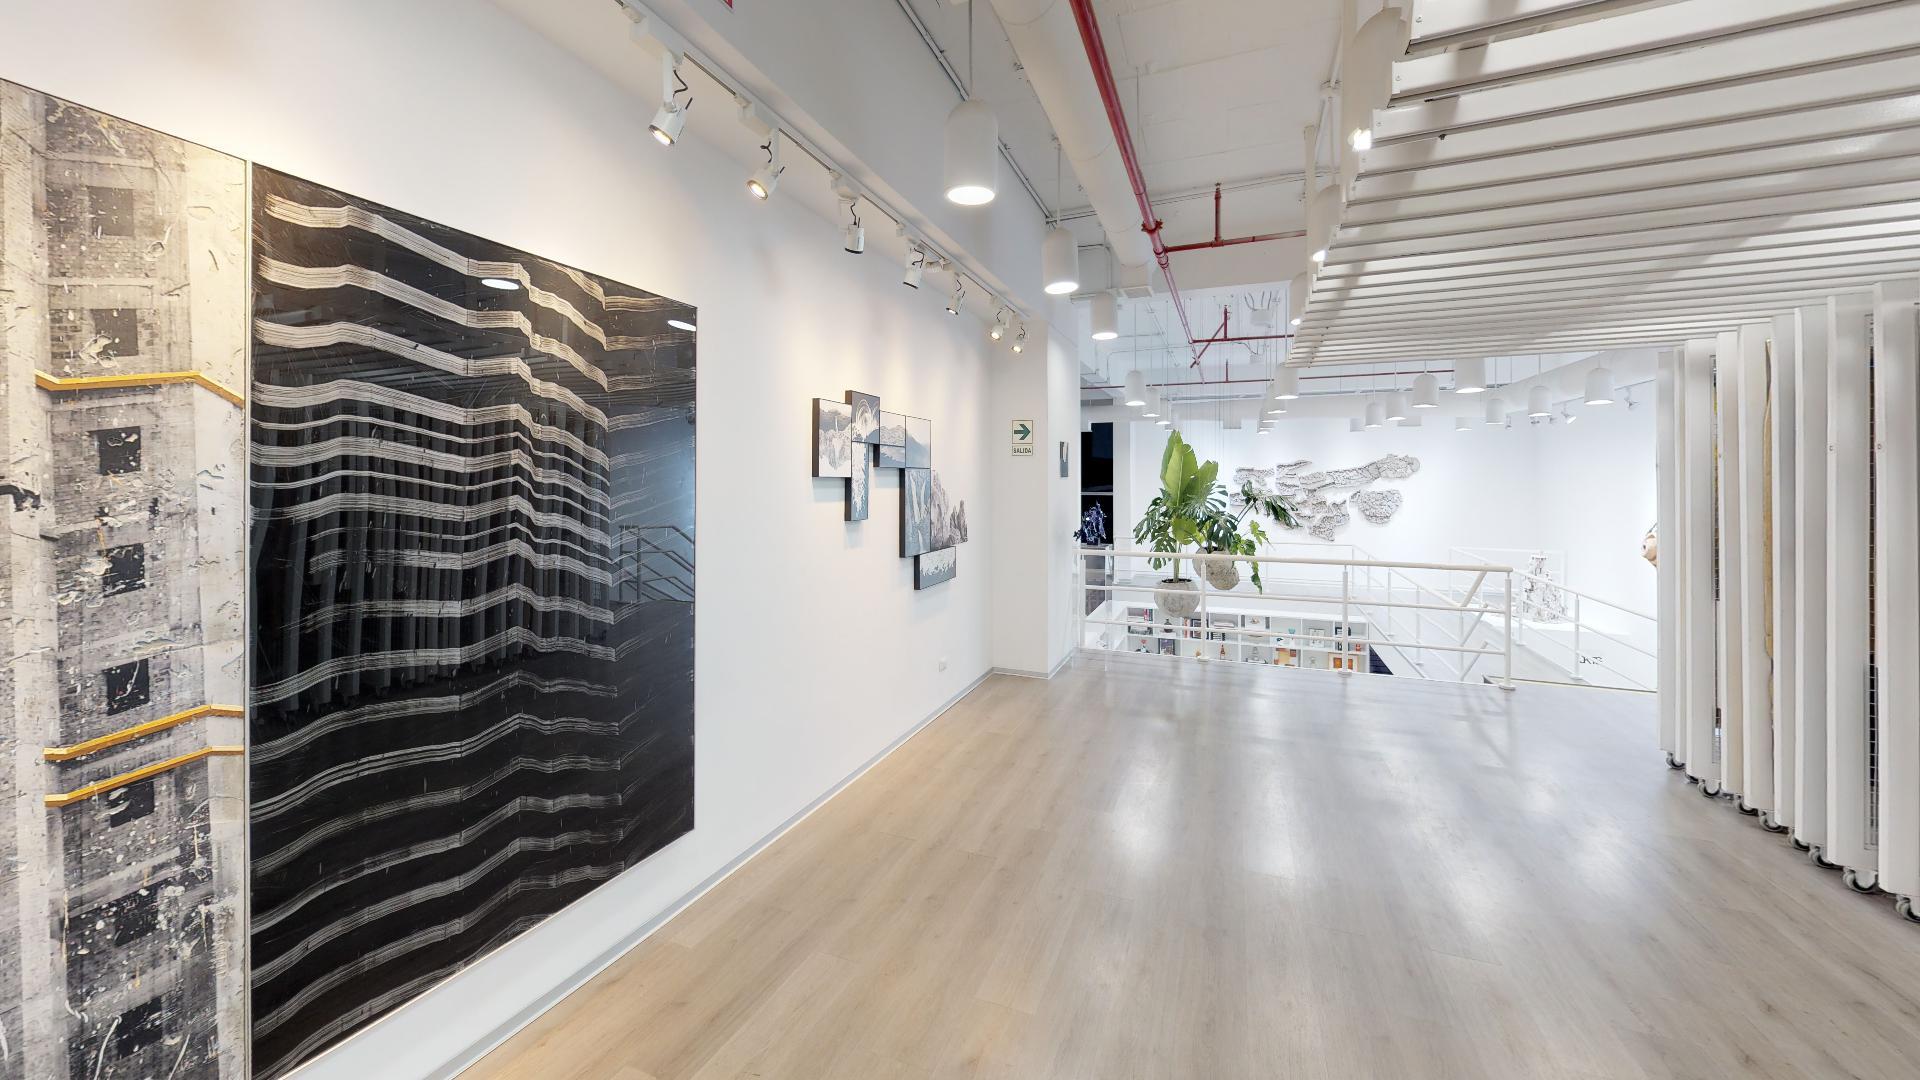 Entrada del recorrido virtual de la galería Impakto de arte moderno en Miraflores, Lima, Peru